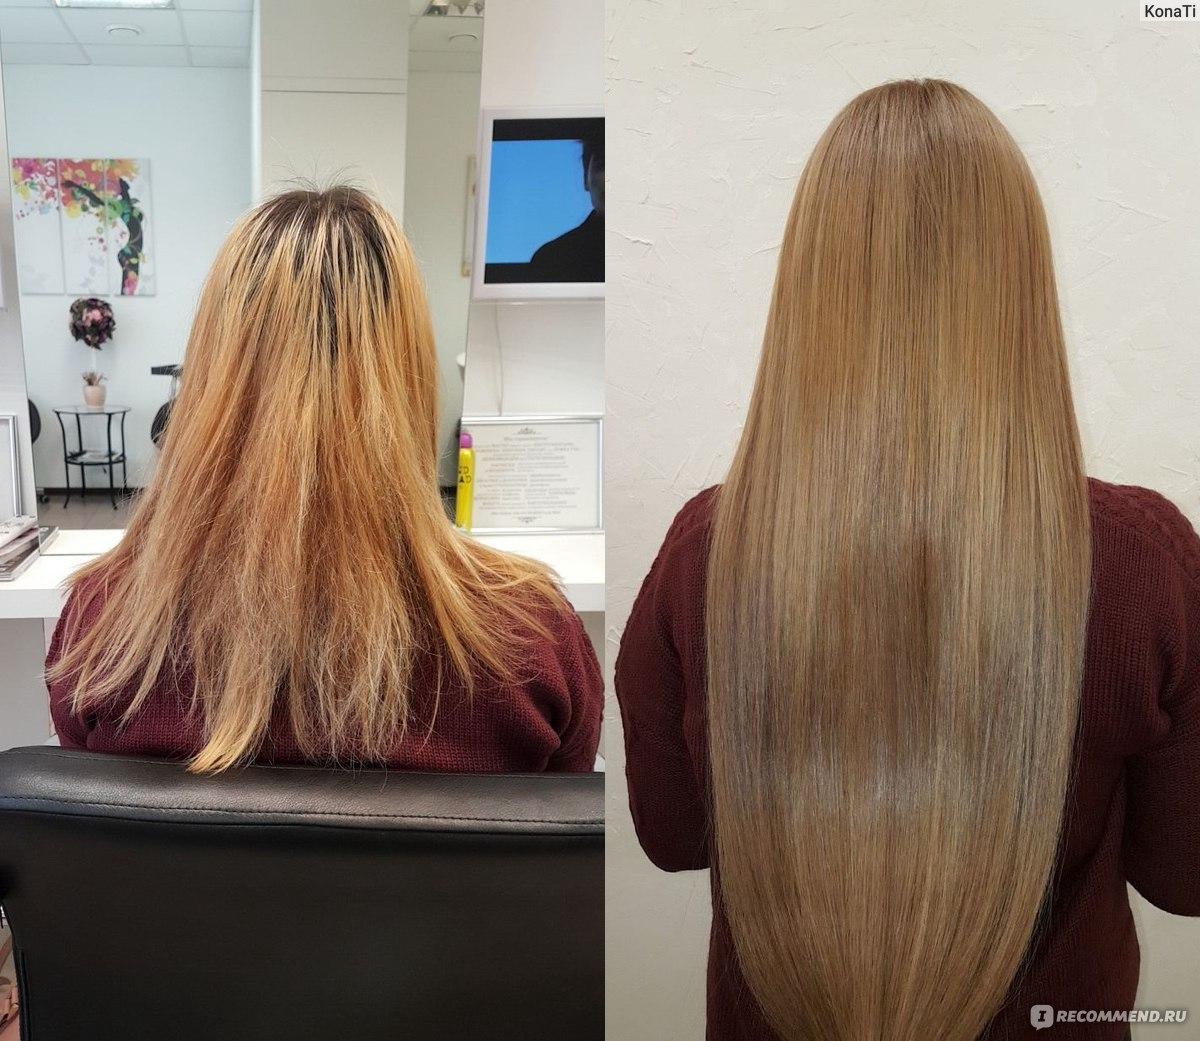 Правильный уход за нарощенными волосами, Rastivolos